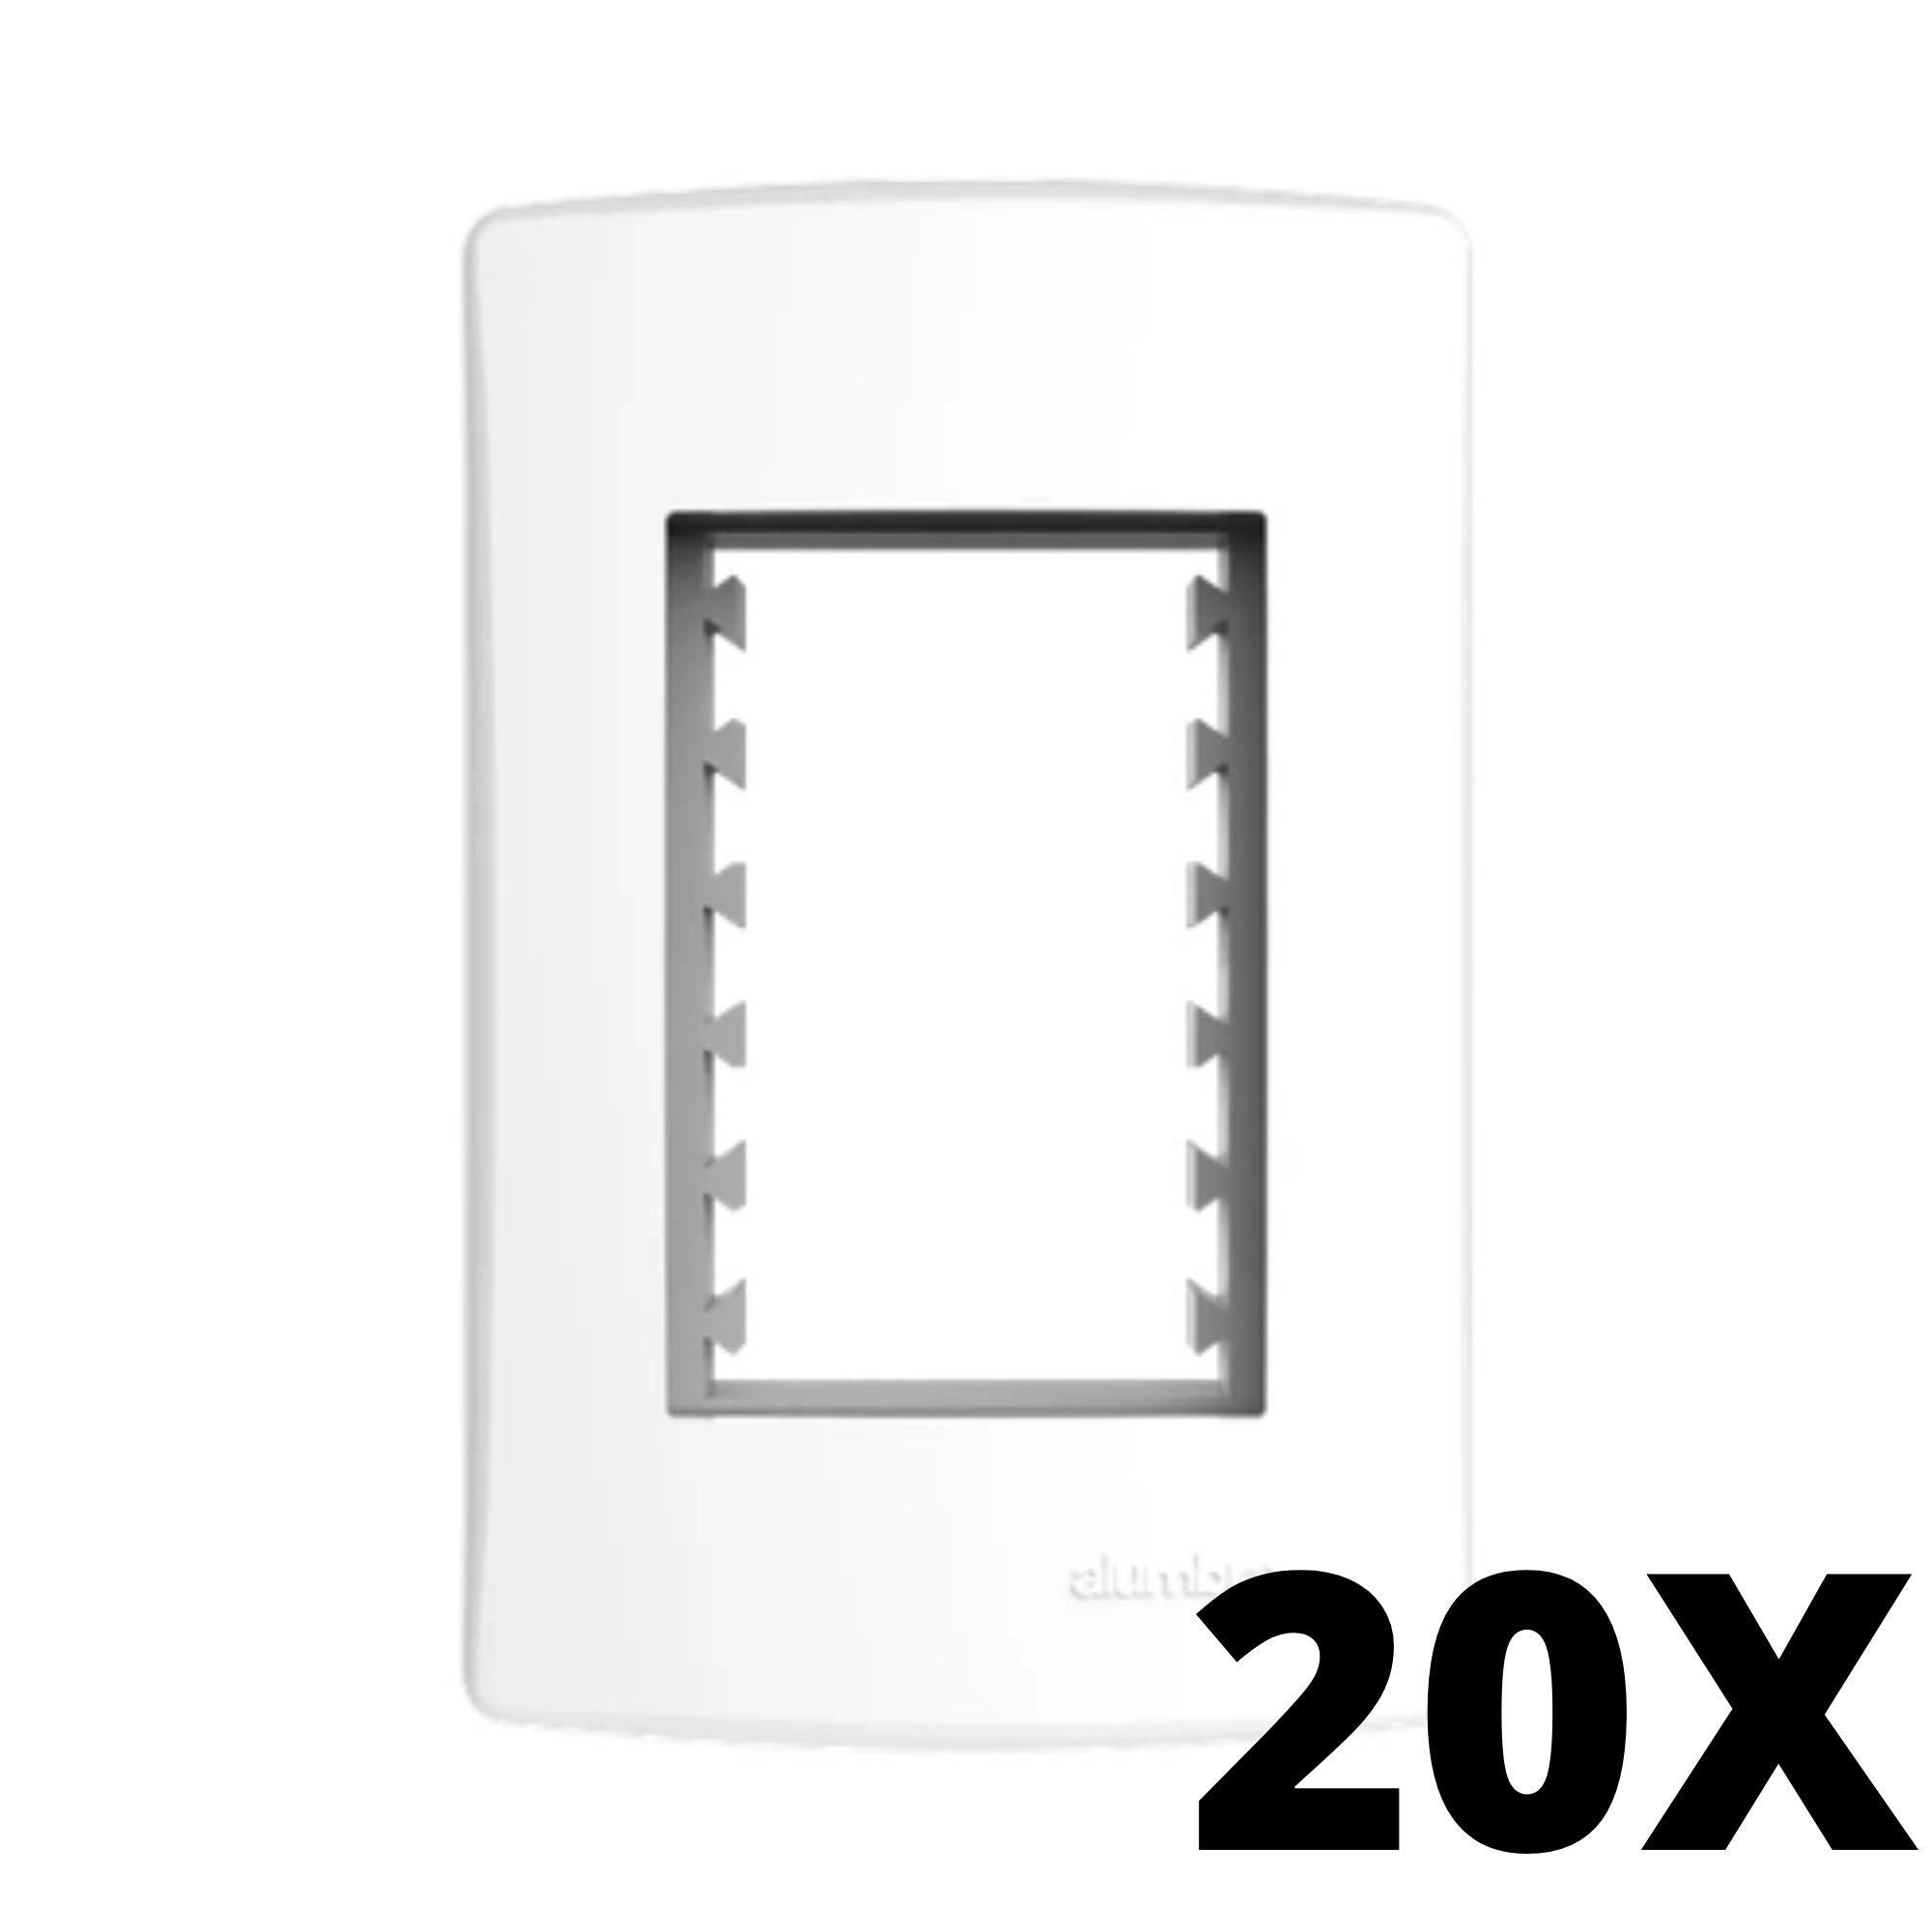 Kit 20 und Alumbra Bianco Pró Placa 4x2 3 Seções